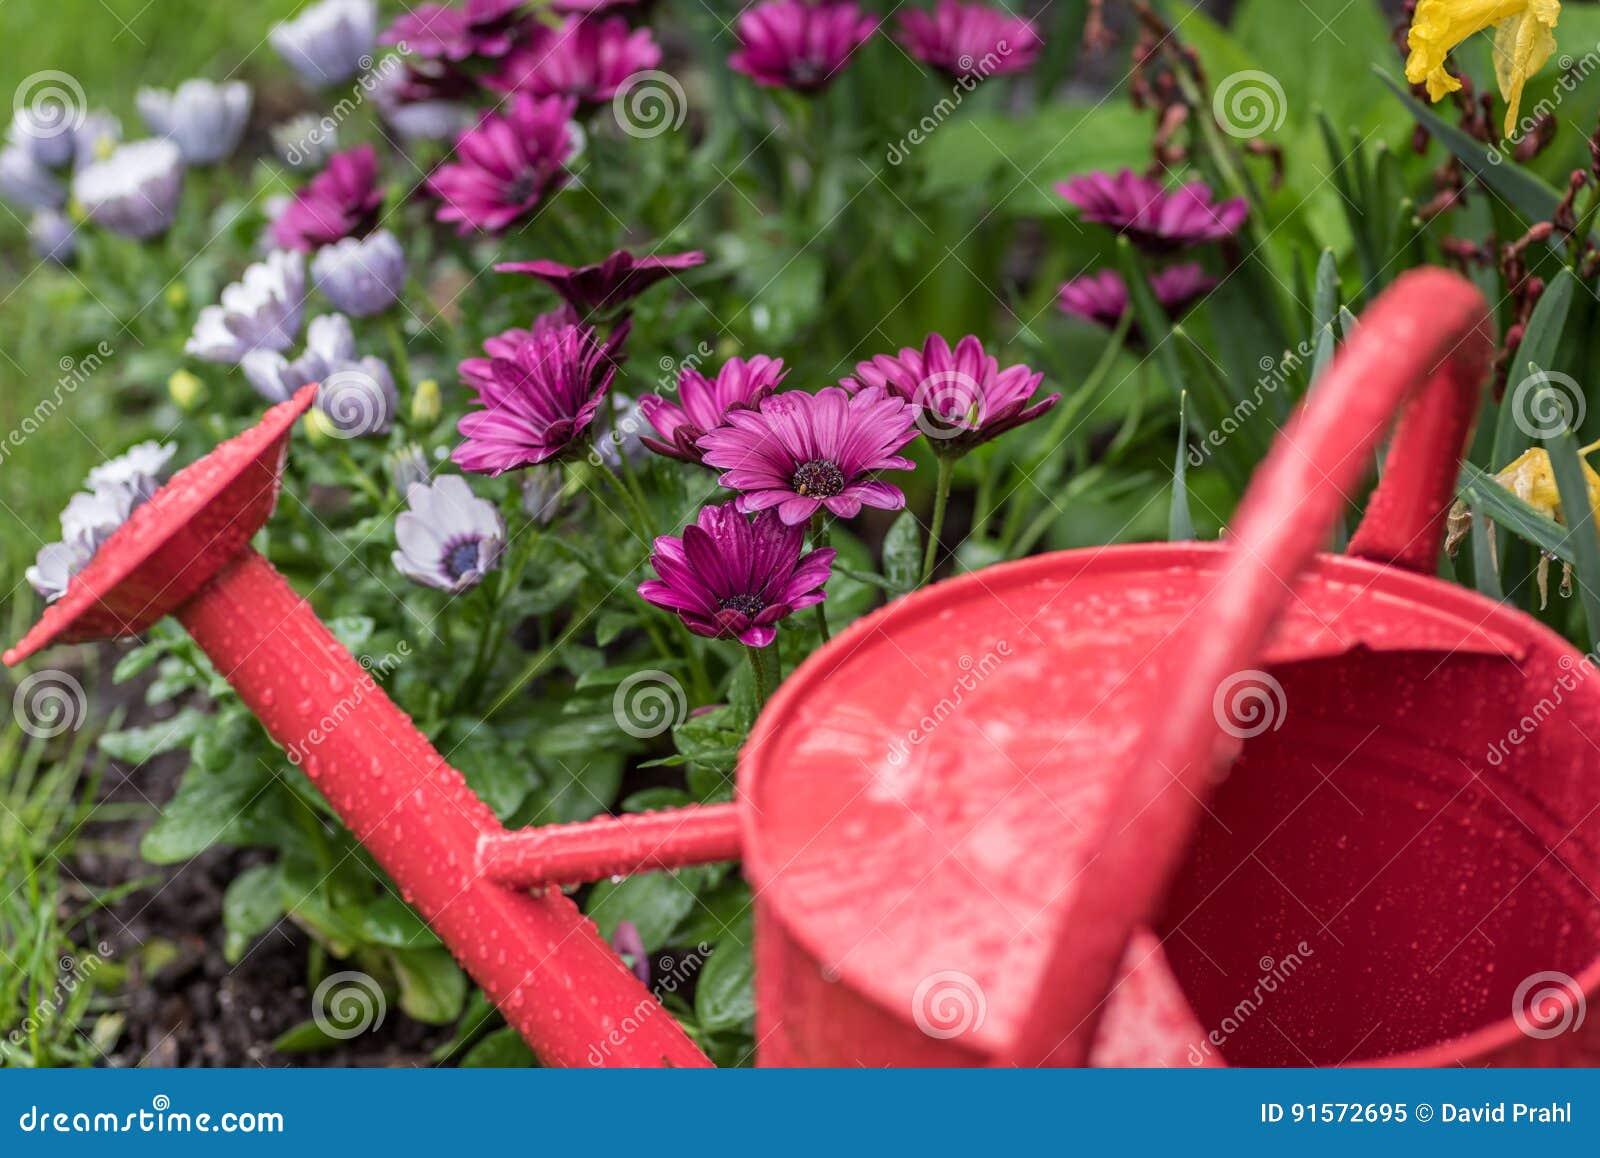 gouttes de pluie sur la boîte d'arrosage avec les fleurs colorées à